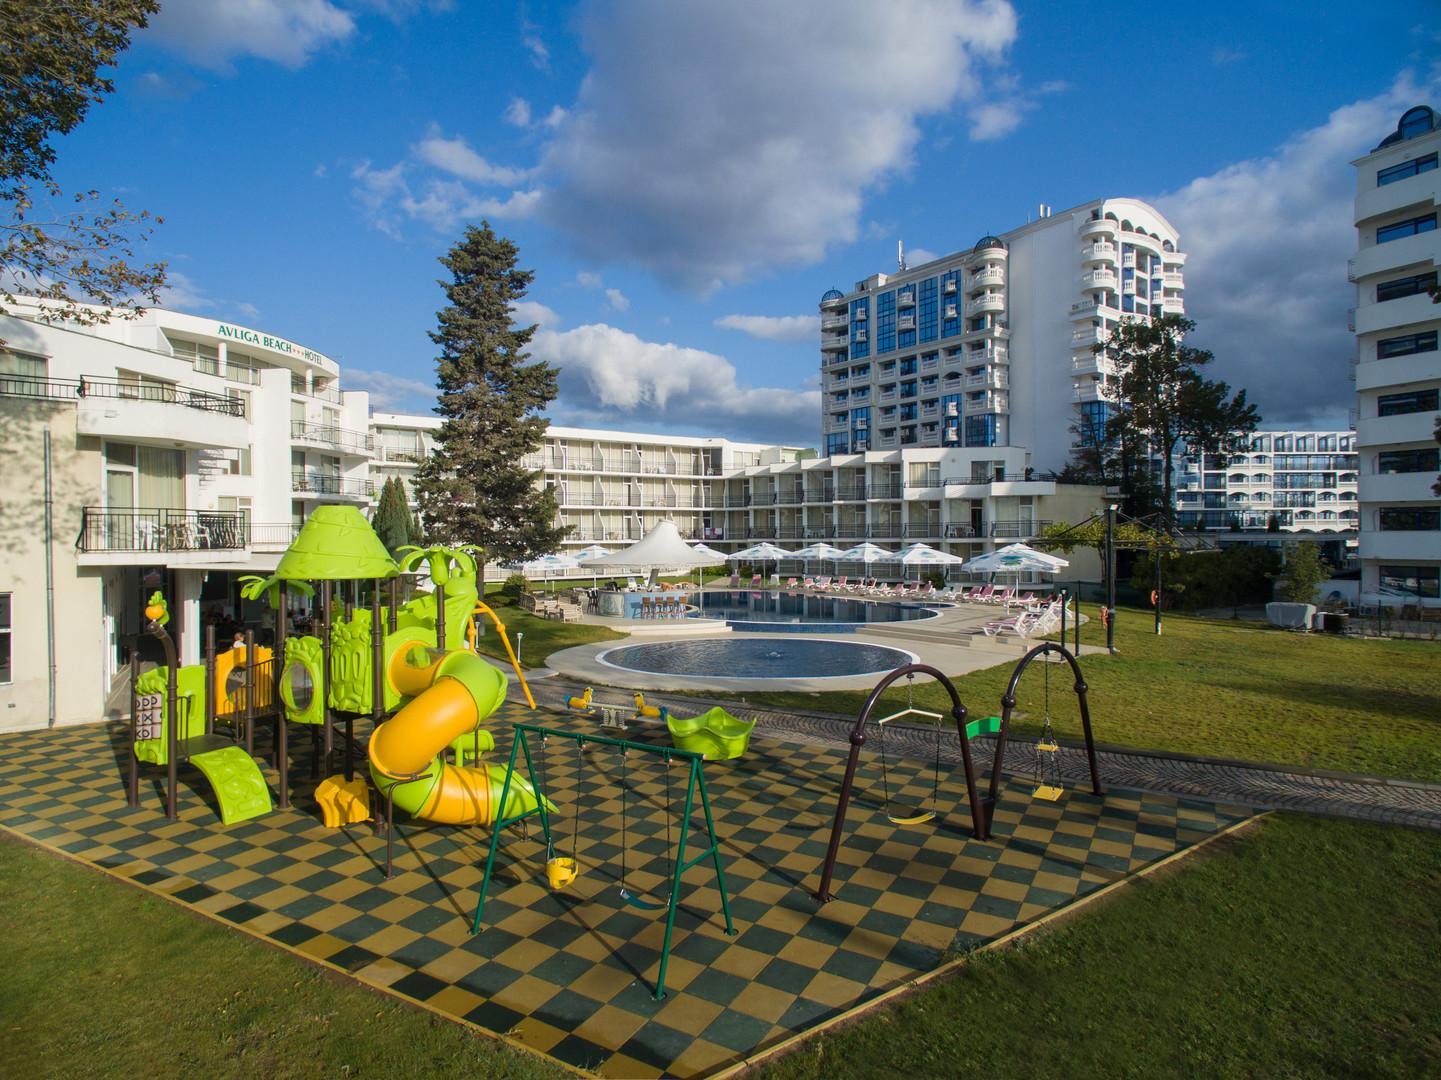 Hotel Avliga Beach #5